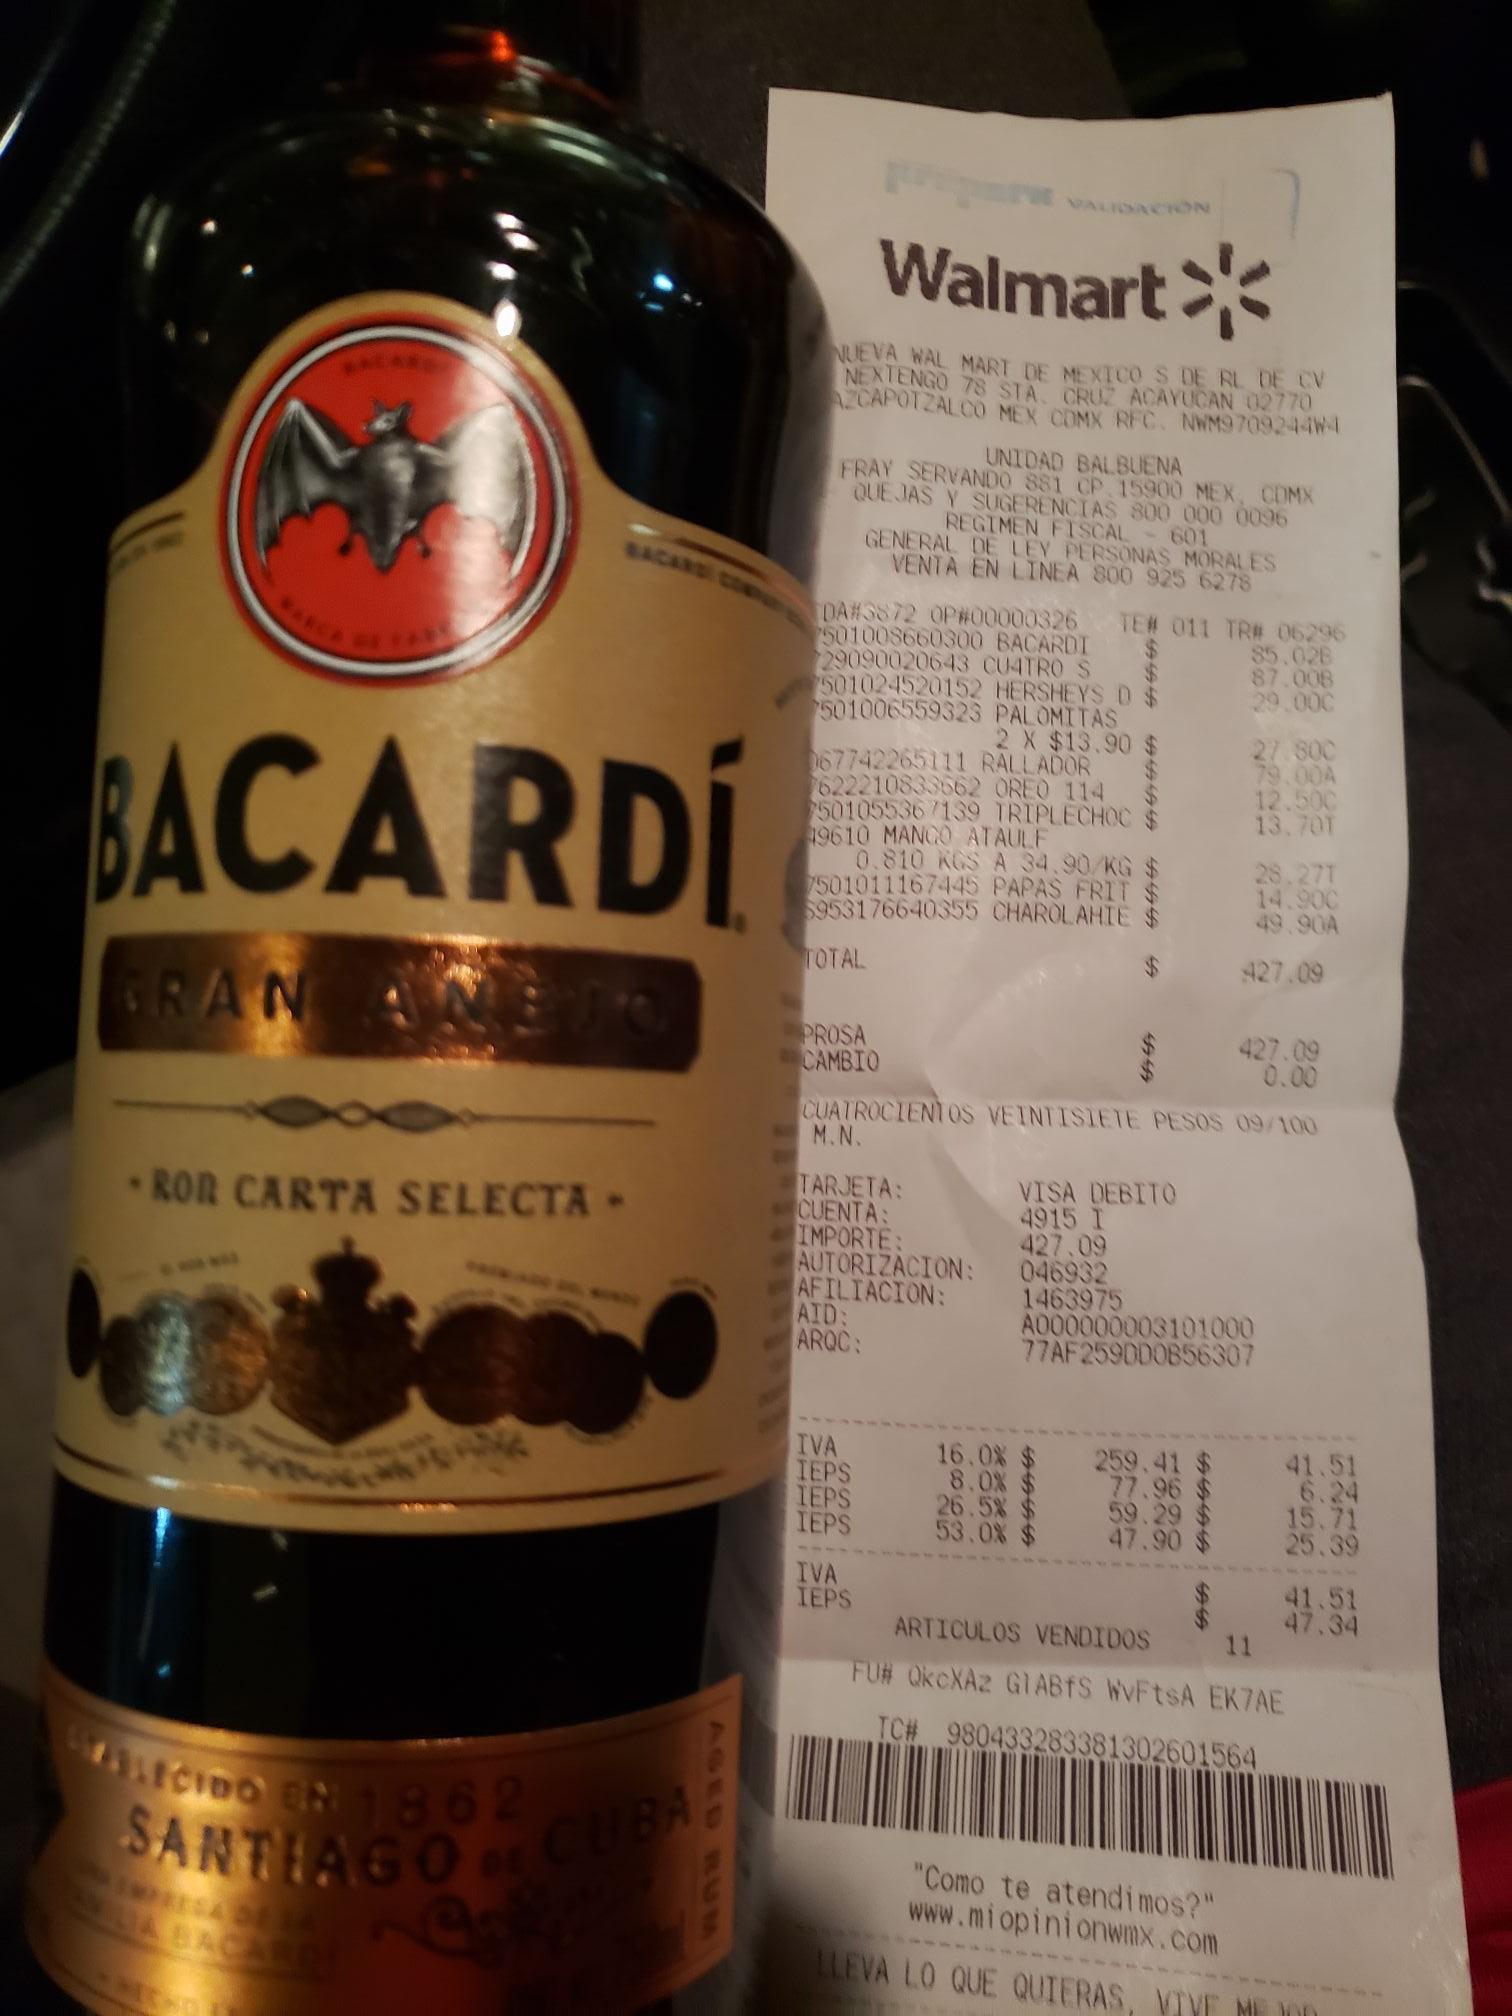 Walmart: Bacardí Gran Añejo en Segunda Liquidación